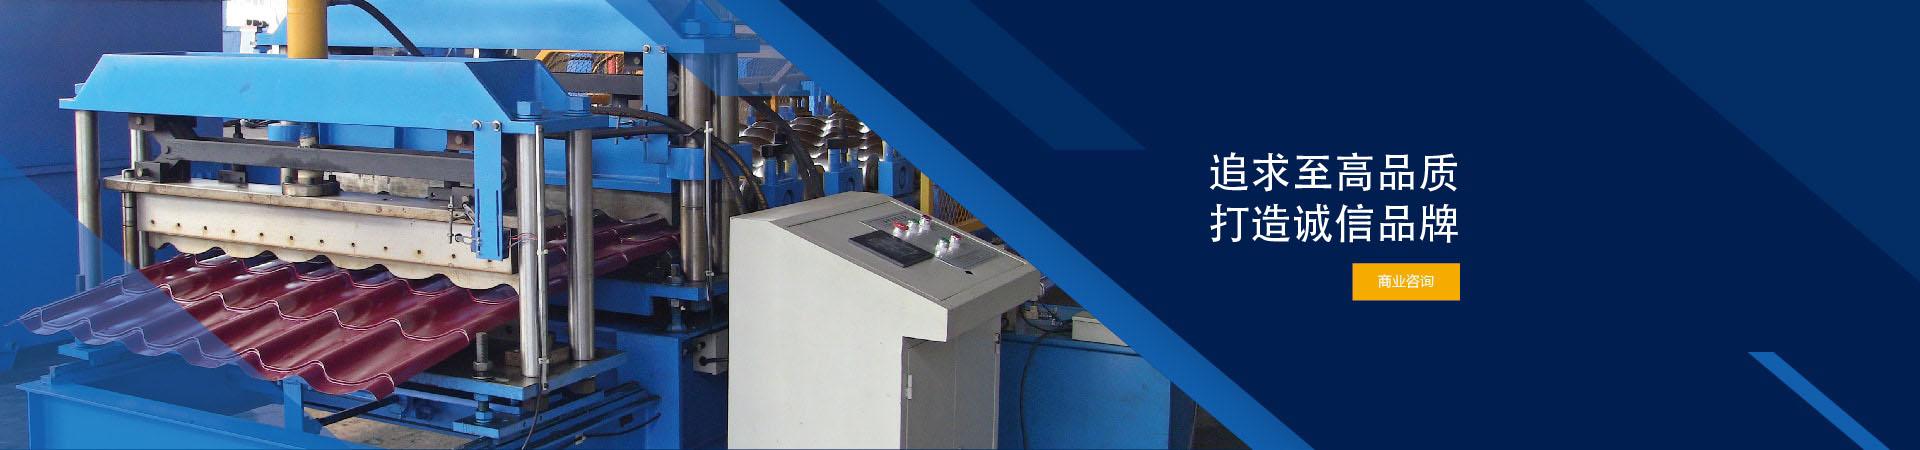 复合夹心板生产线